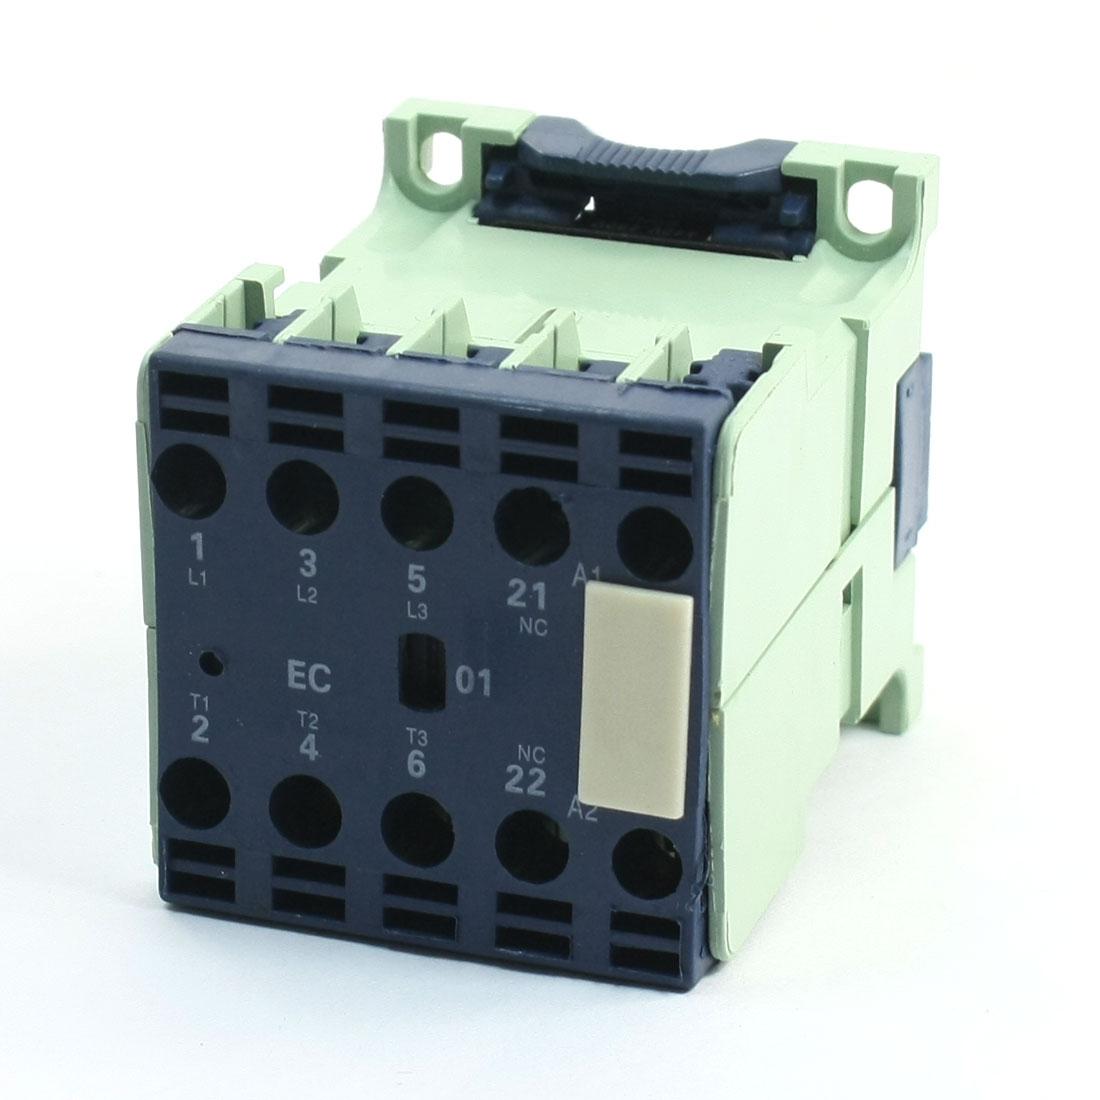 CJX2-1201E AC Contactor 12A 3 Phase NC 380-415/440-480V 50/60Hz Coil